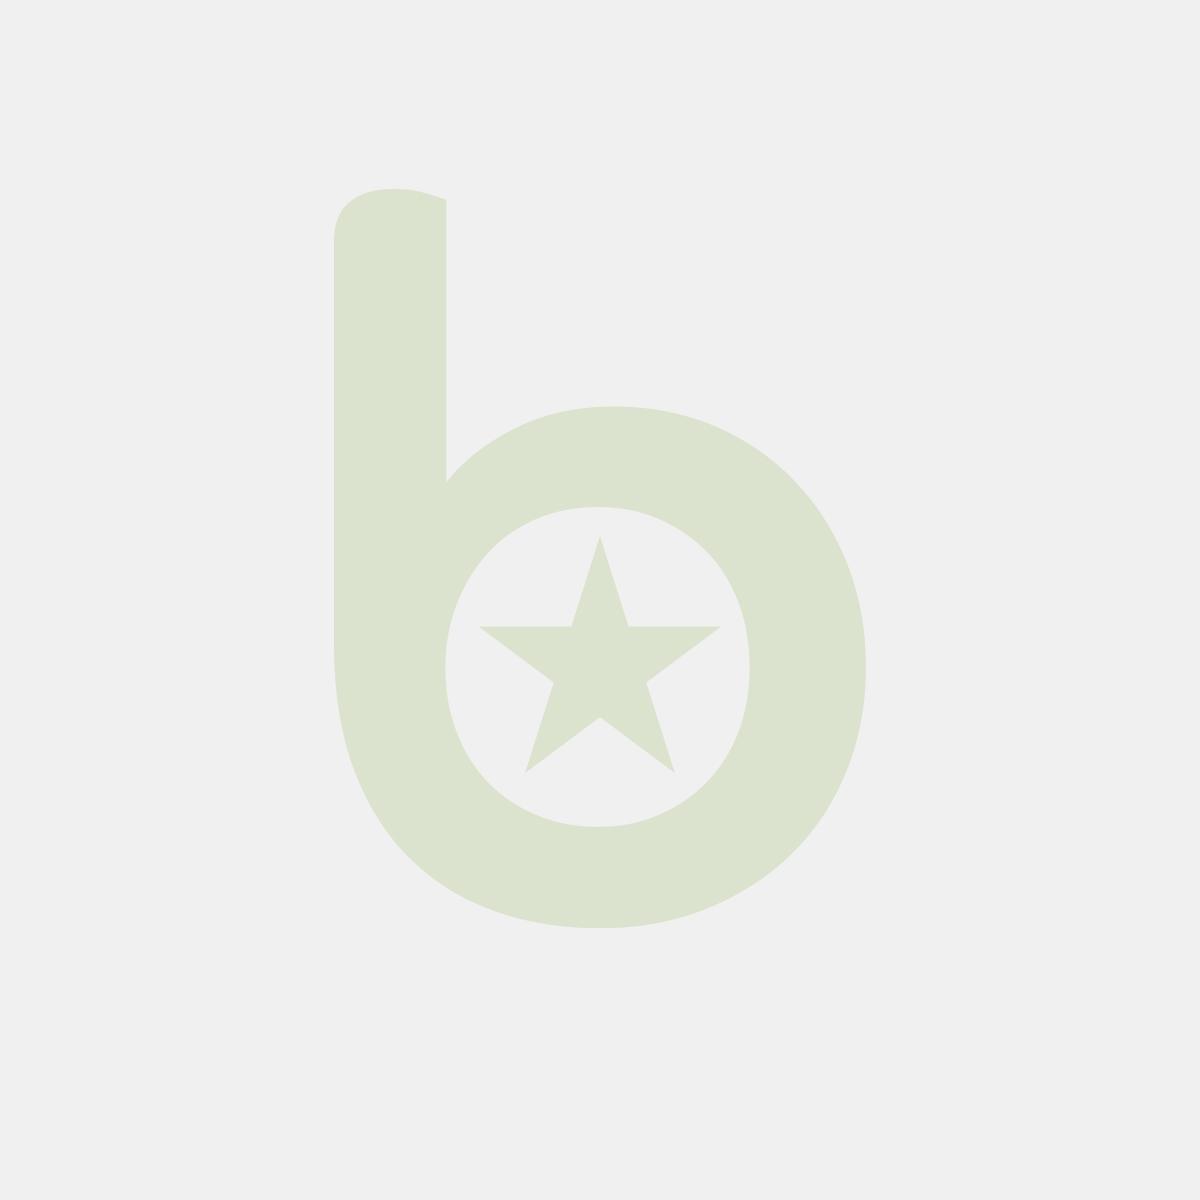 Pojemnik GN 1/2 z chowanymi uchwytami